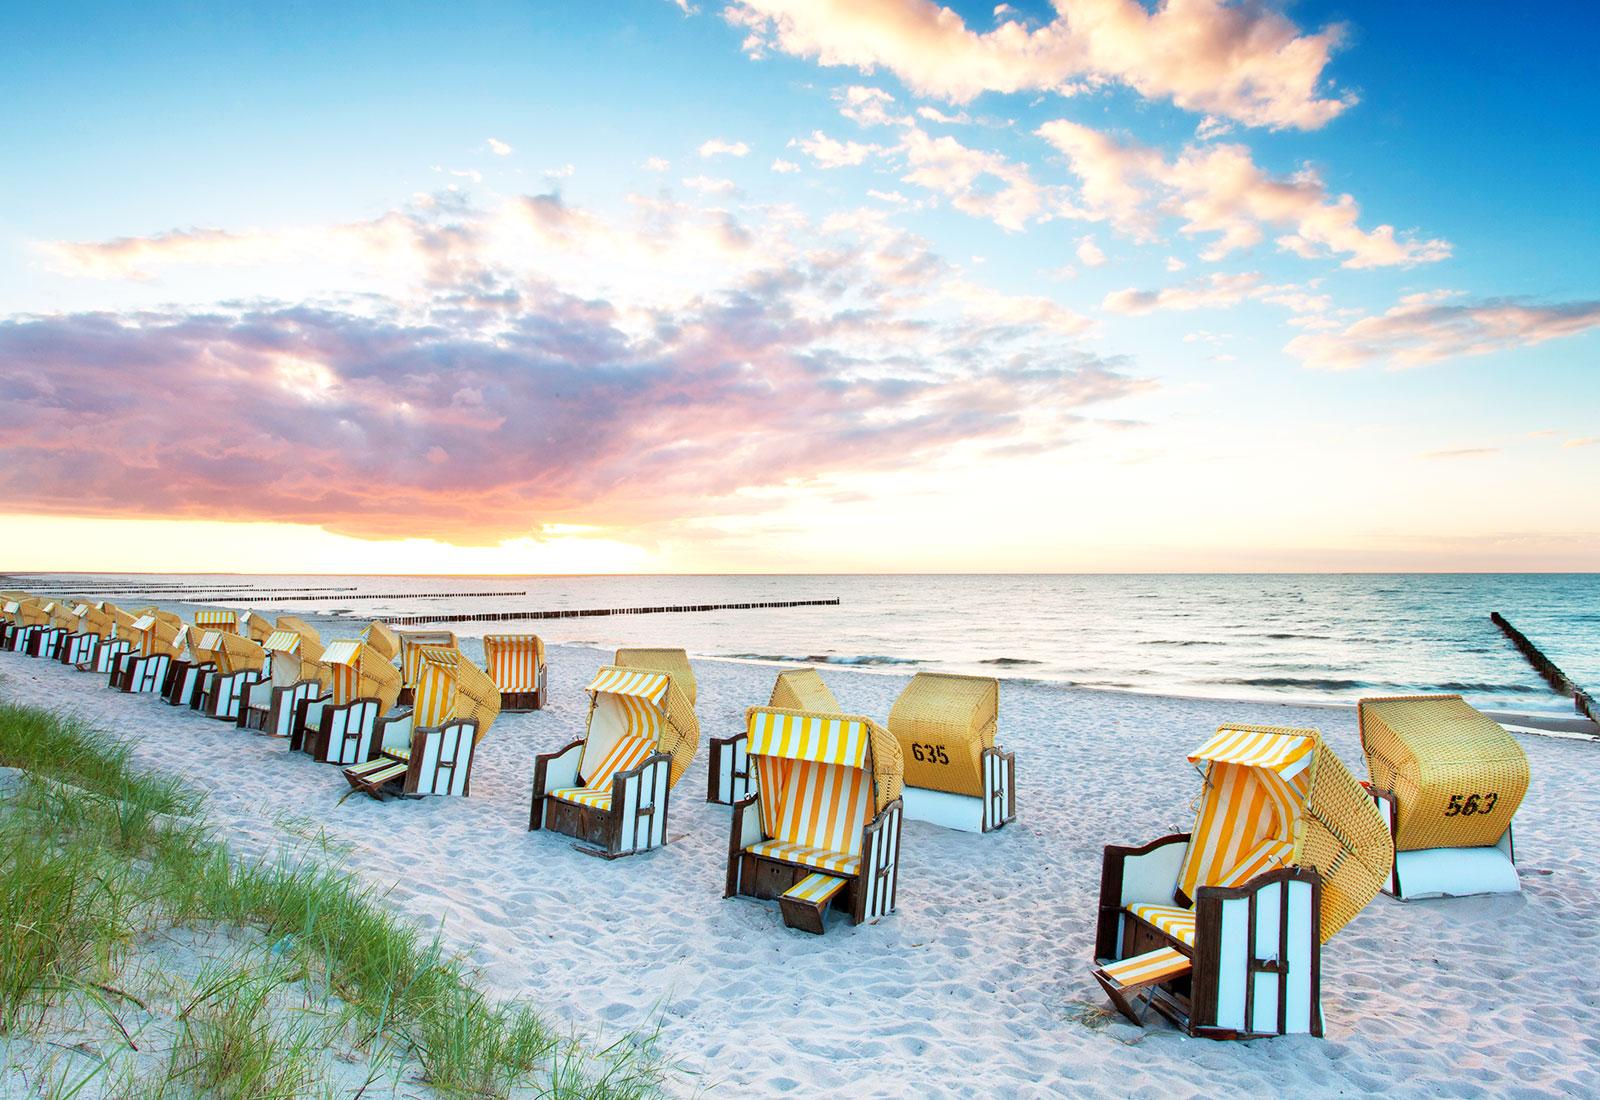 Urlaub mit eigener anreise g nstige autoreisen jetzt auf for Gunstige hotels nordsee